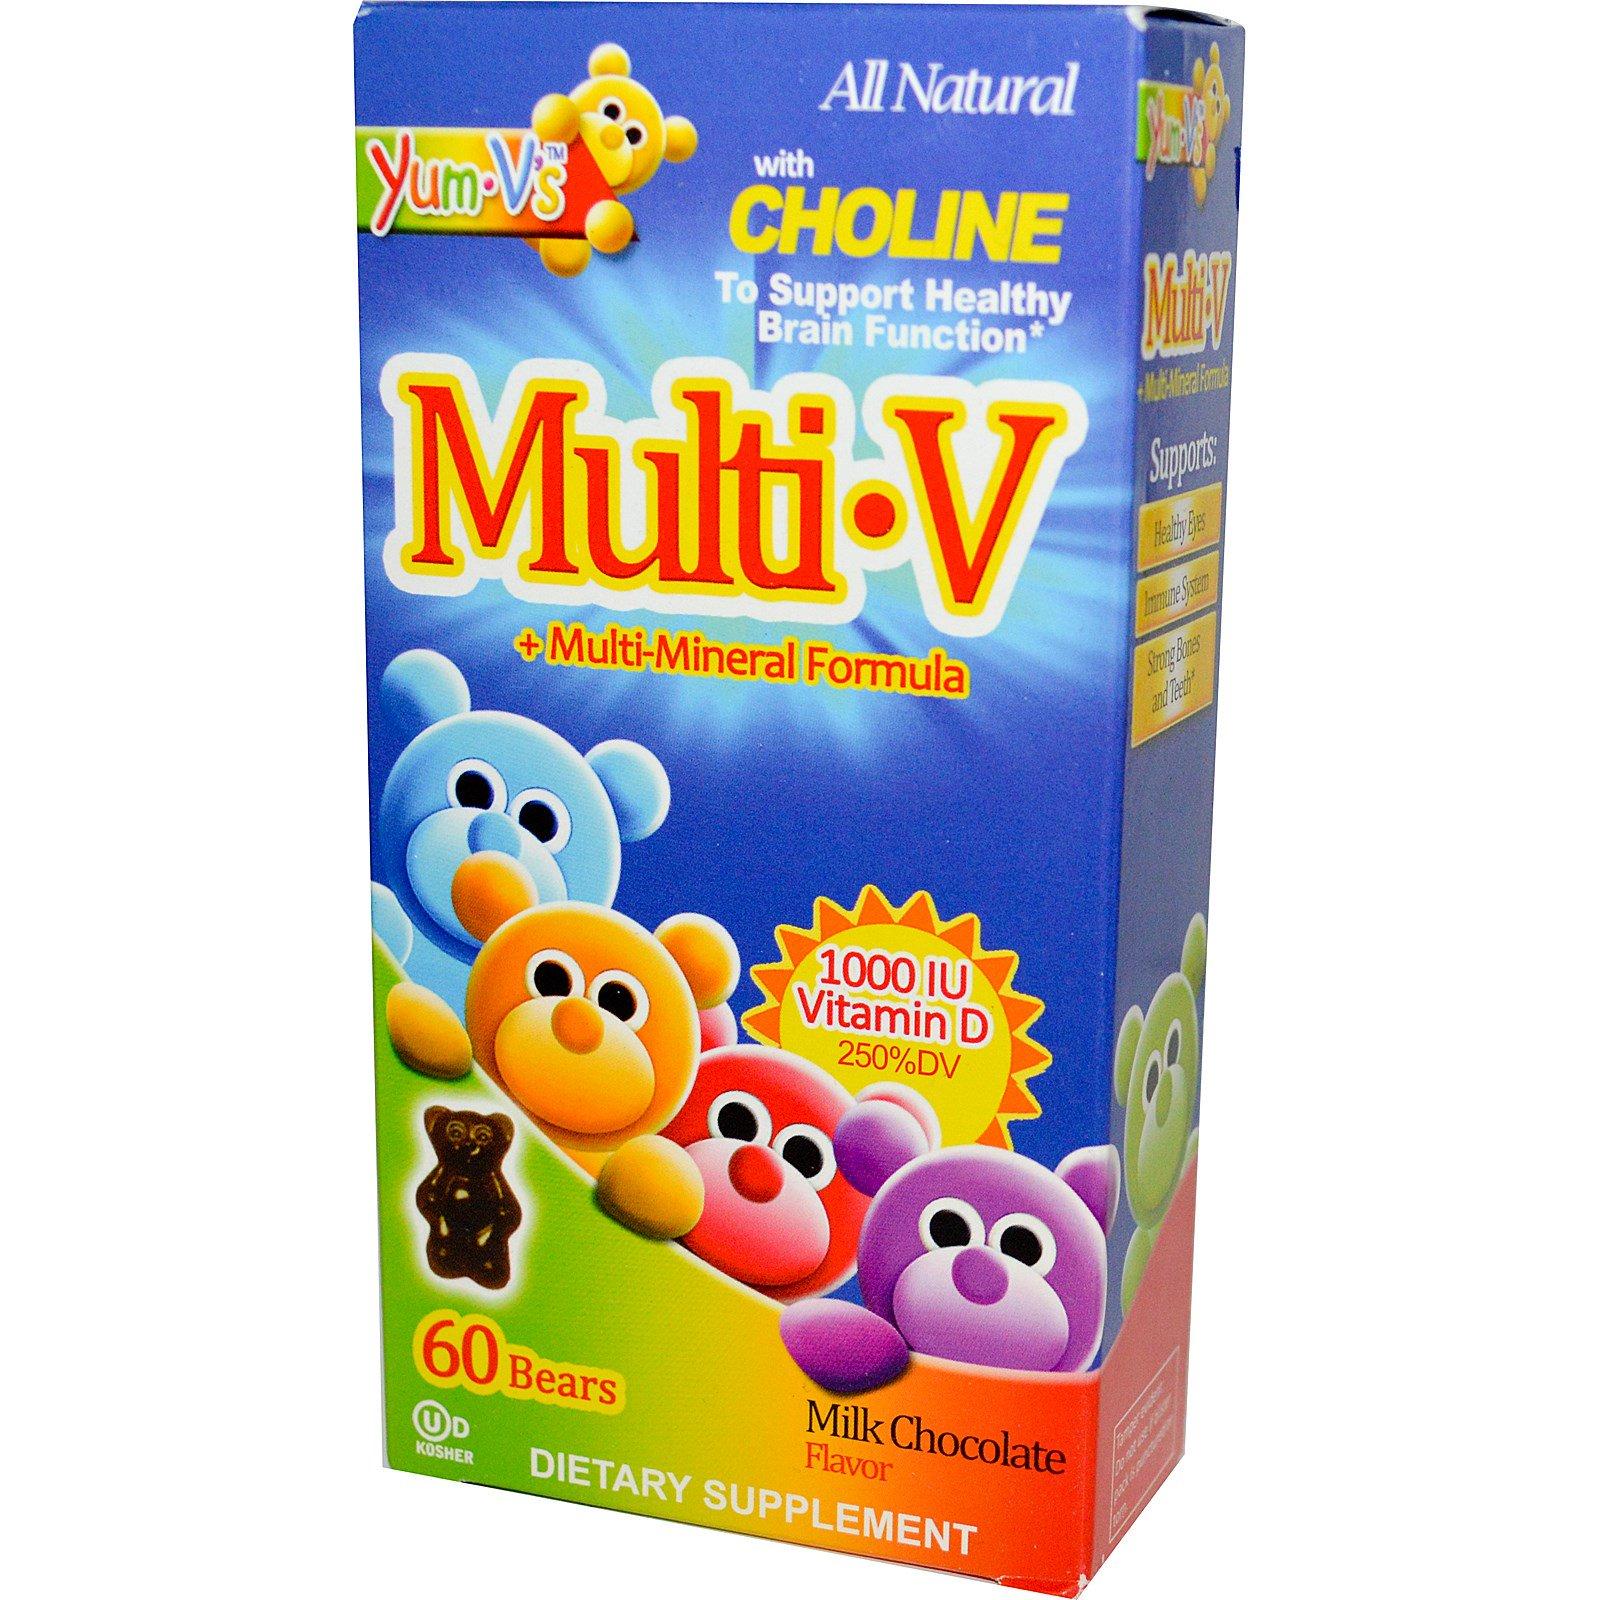 Yum-V's, Мульти·V + мульти-минеральная формула, вкус молочного шоколада, 60 желатиновых мишек